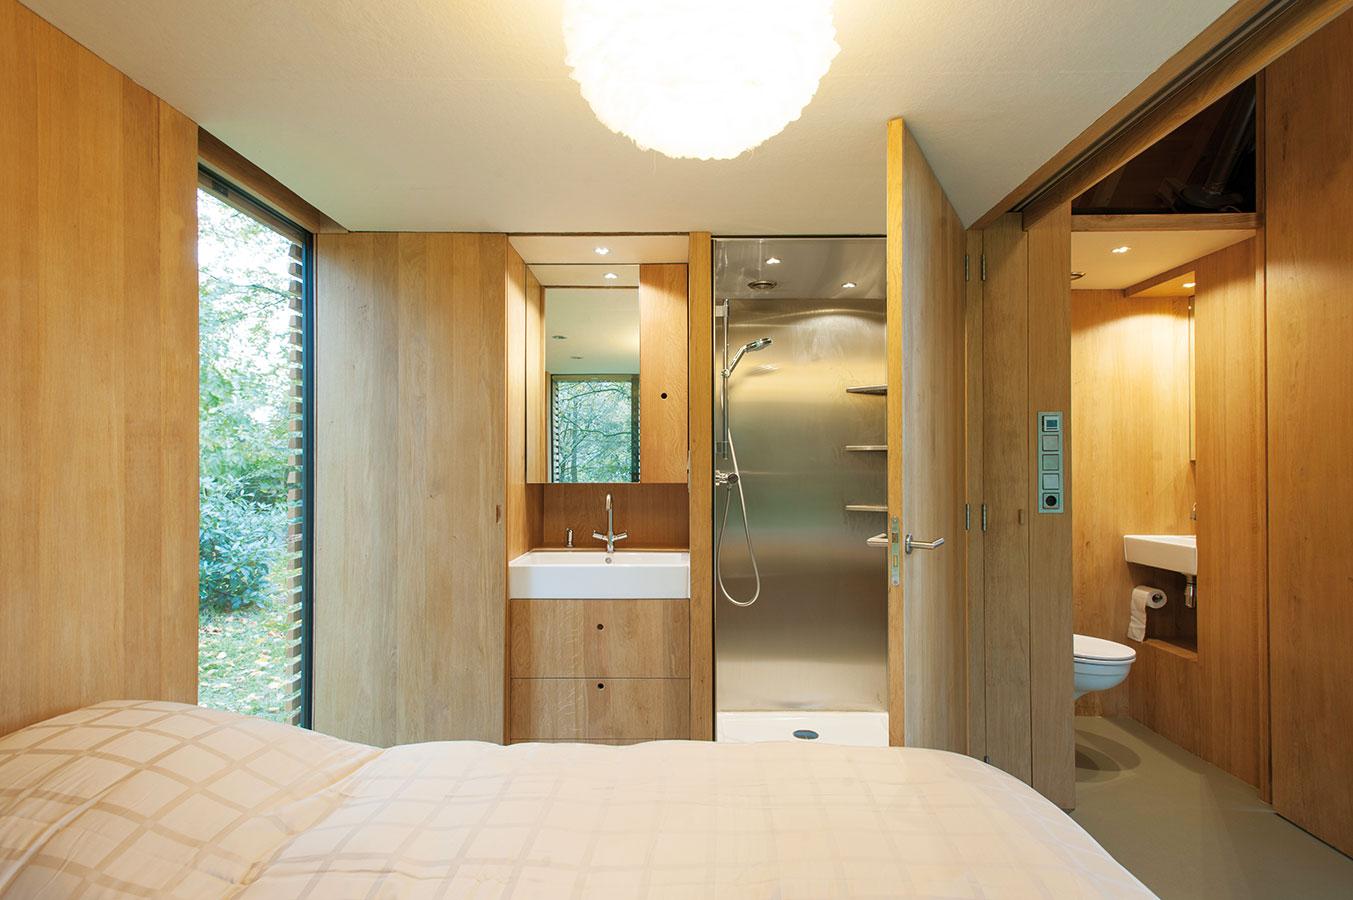 Stěna zdubového dřeva, kterou zdruhé stěny kryje plná břidlicová fasáda, vsobě kromě běžných úložných prostor skrývá také kuchyňskou linku atoaletu, ve spací části pak také jednoduchou koupelnu (umyvadlo asprchový kout). FOTO ROEL VAN NOREL